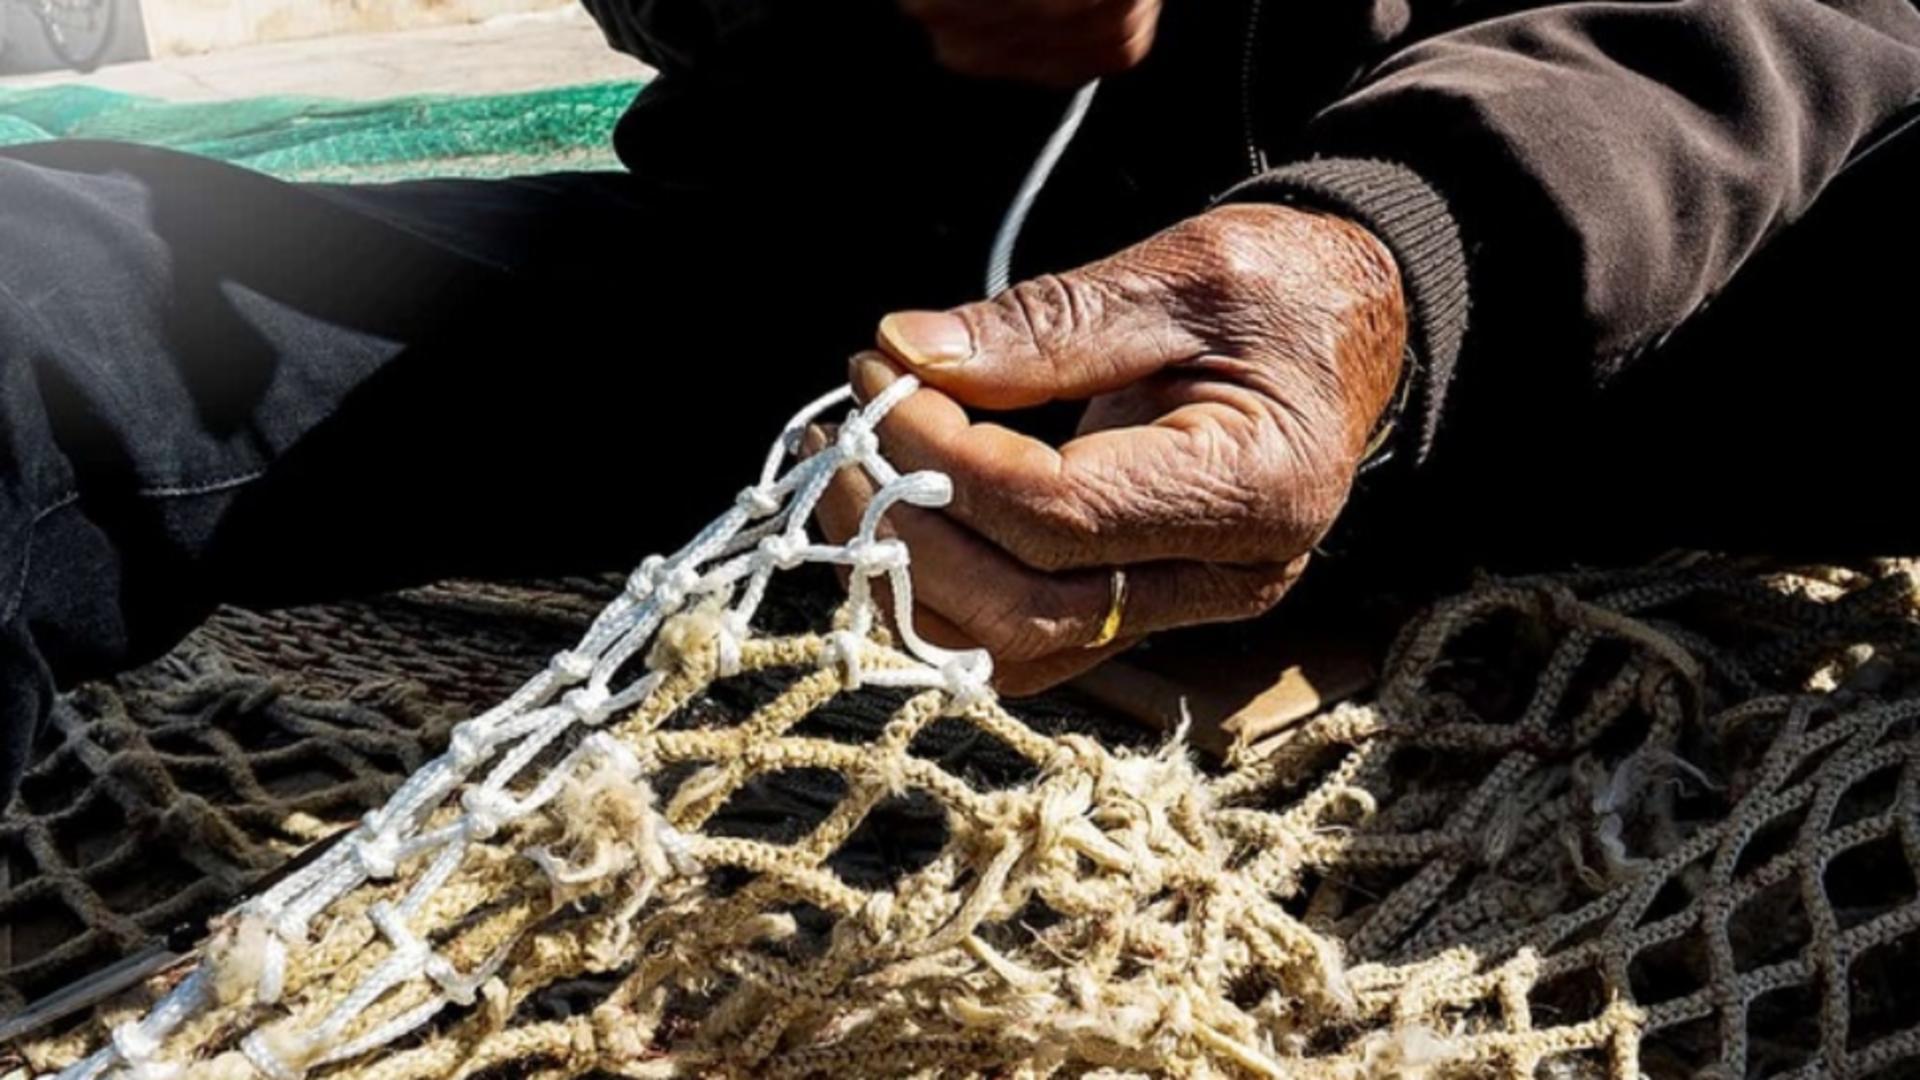 Pescar arestat, după ce a prins în plasă un bărbat MORT și l-a aruncat înapoi în mare